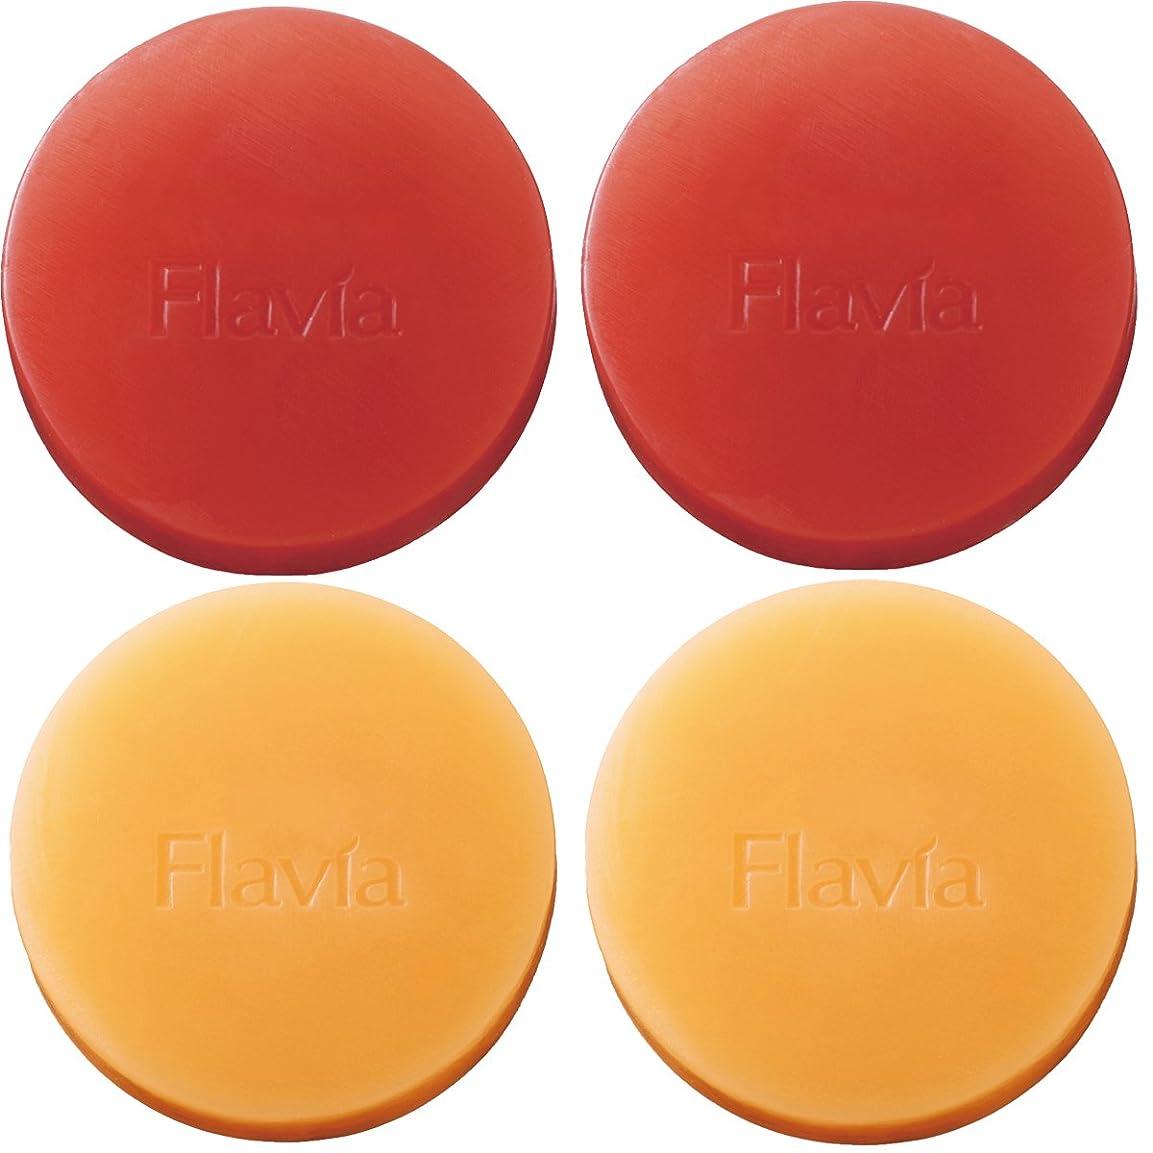 肯定的貢献するカウンタフォーマルクライン 薬用 フラビア ソープ 4個セット(朝?夜用各2個) 洗顔 石けん